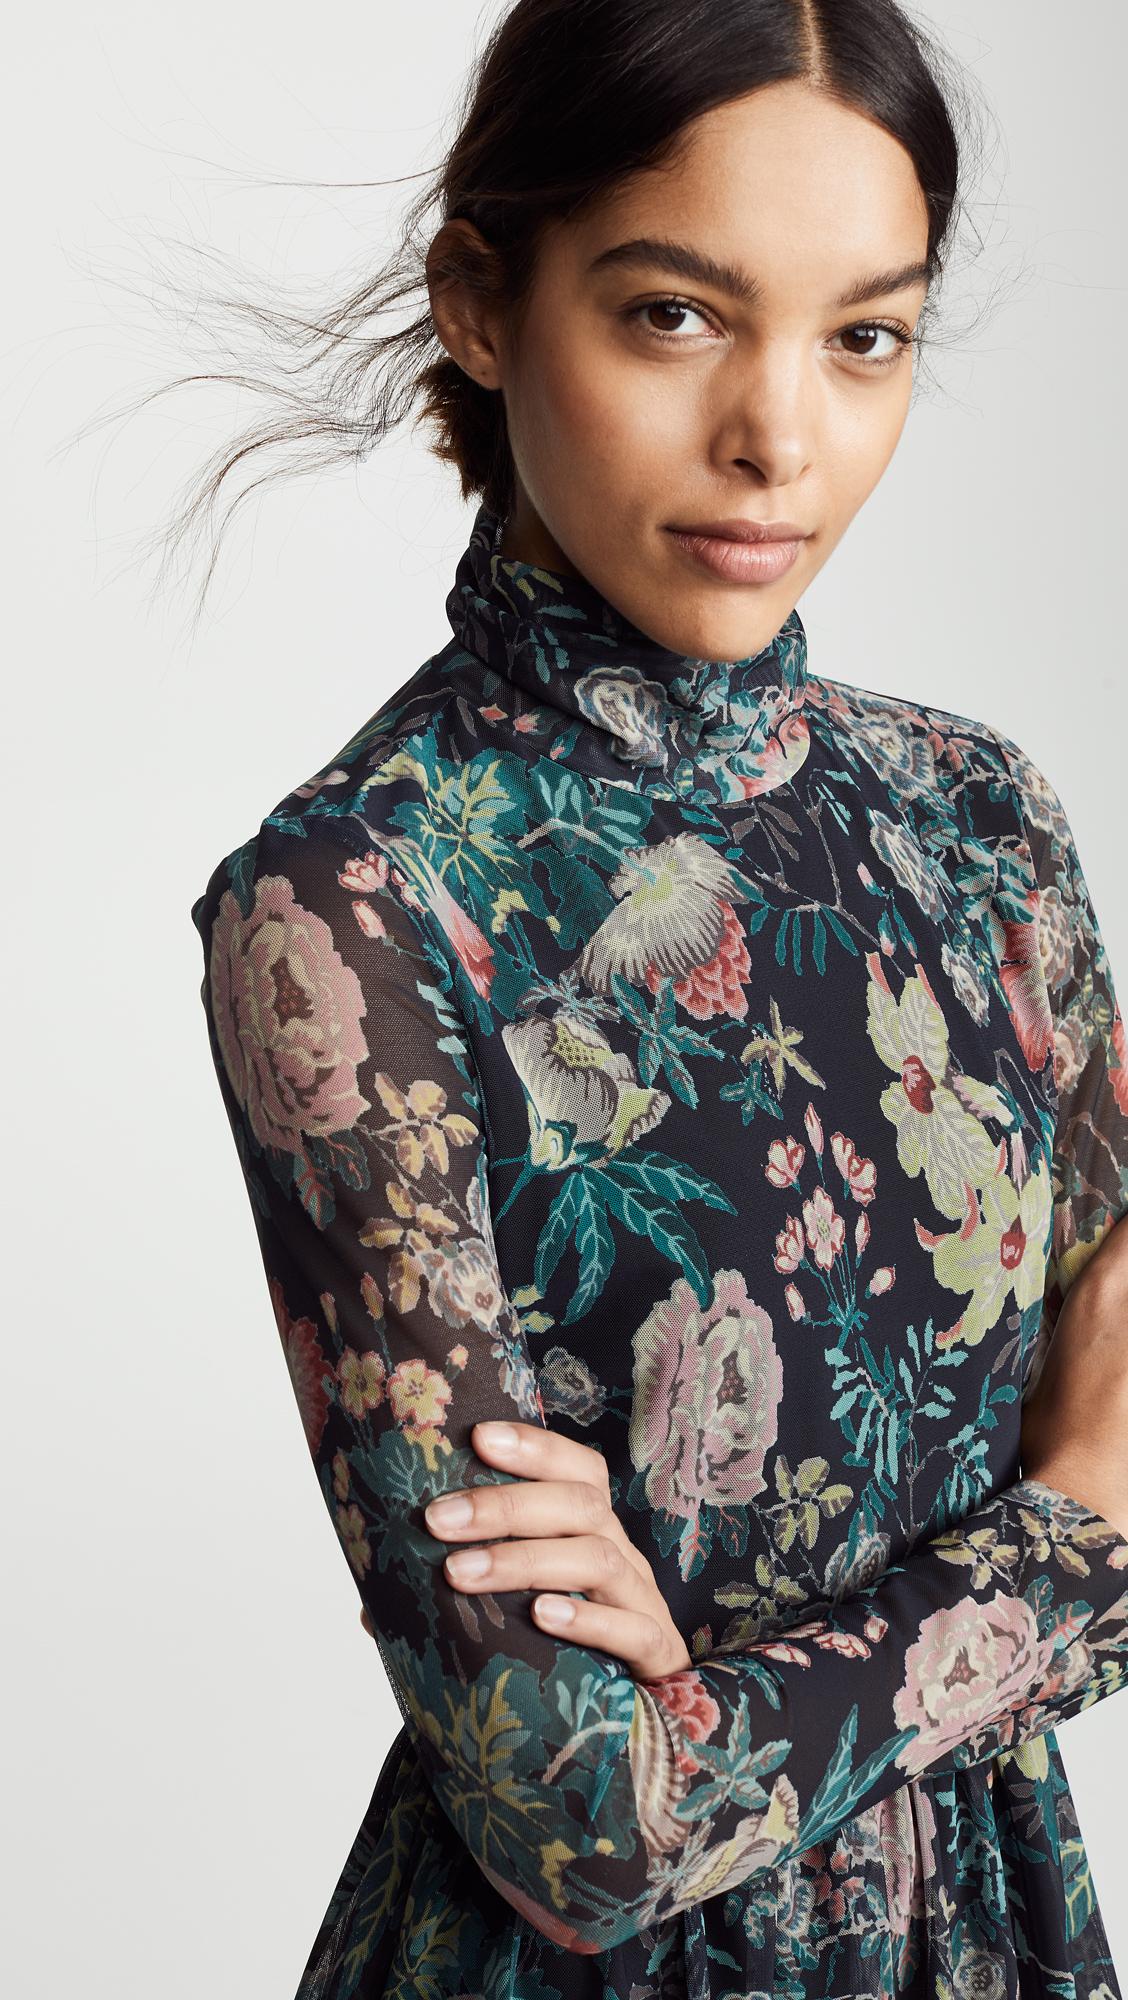 b484637a7b834 La Vie Rebecca Taylor Long Sleeve Faded Garden Dress